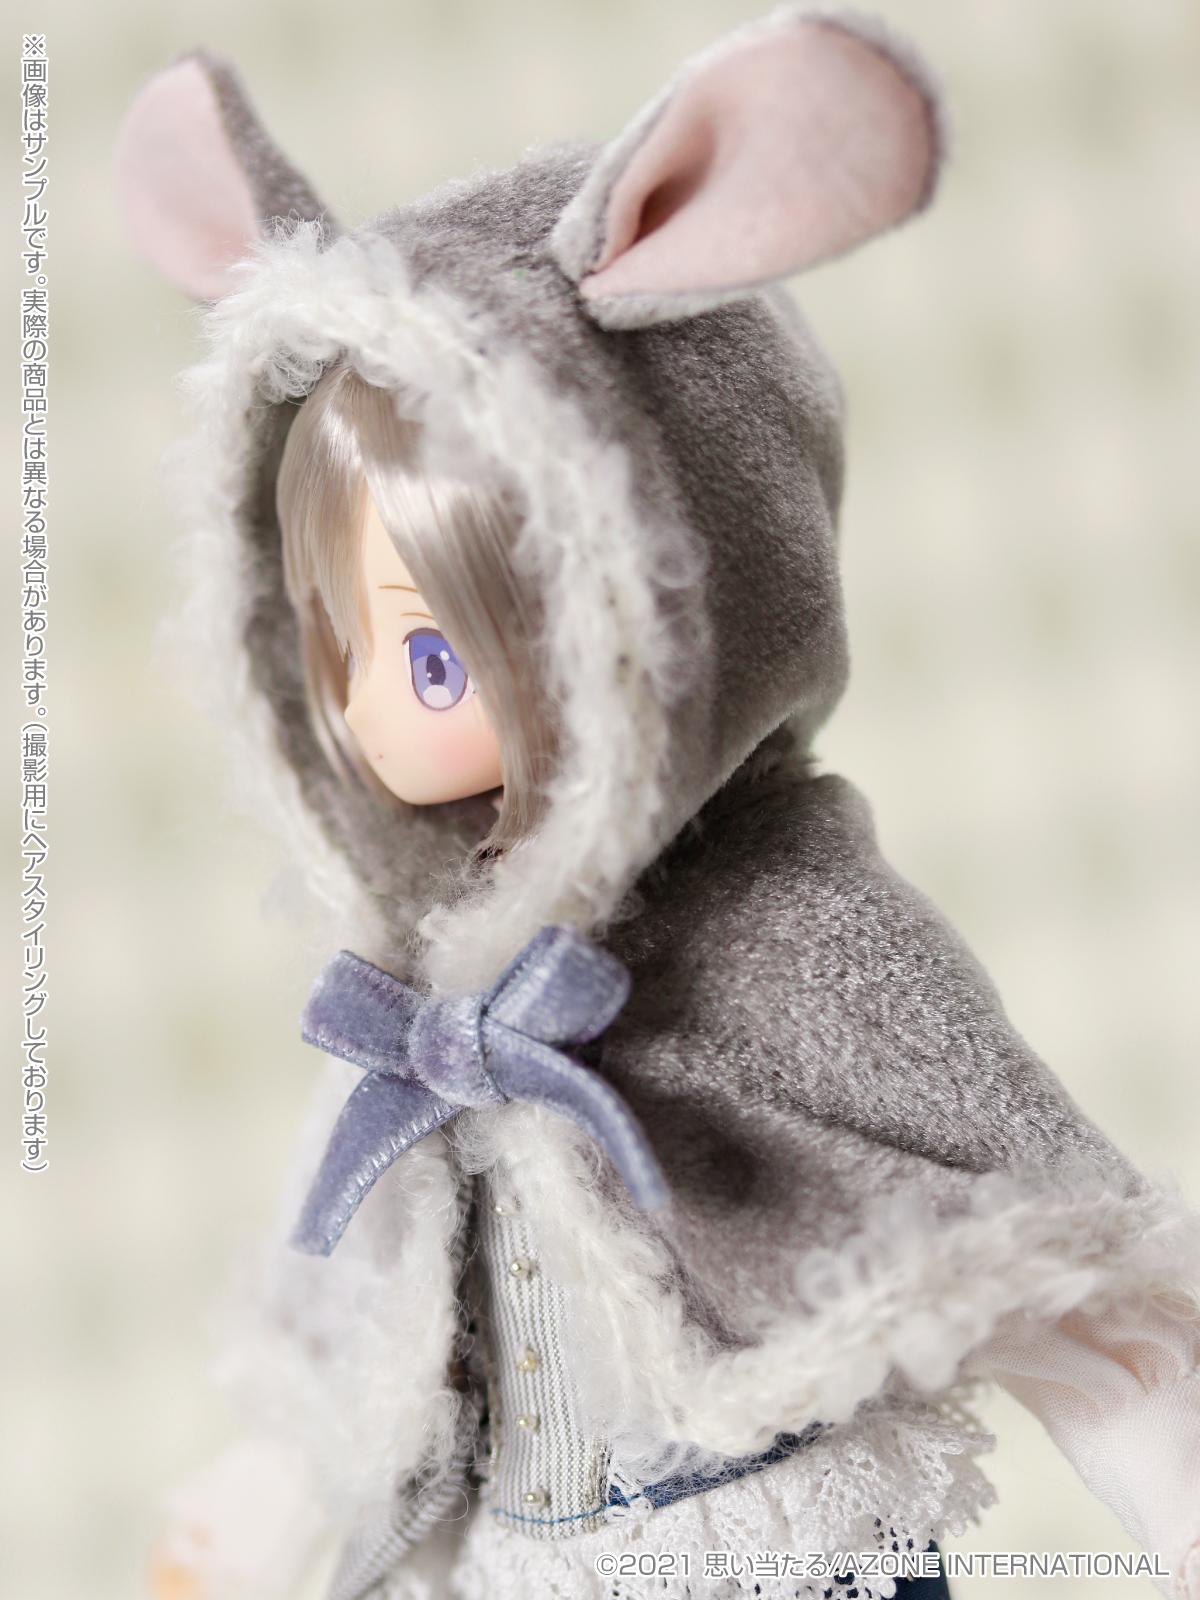 えっくす☆きゅーと ふぁみりー:Alice's TeaParty~お菓子なお茶会~『少年アリス/ノーア ver.1.1』1/6 完成品ドール-010